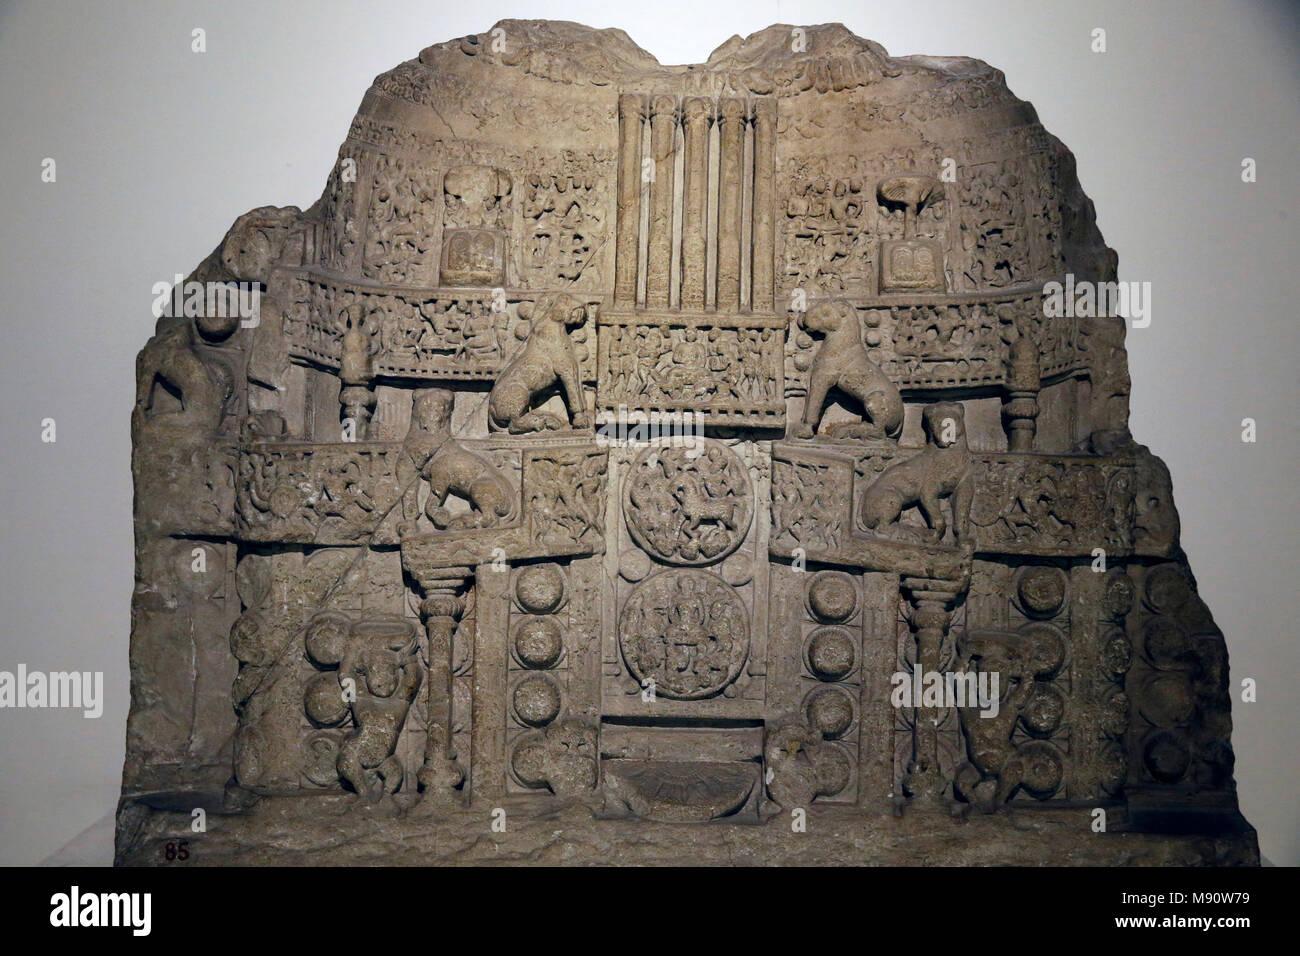 National Museum von Indien, Delhi. Amaravathi stupa Abbildung. Gehäuse Scheibe. Satavahana, 1st-2nd Jahrhundert Amaravathi, Andhra Pradesh. Geschnittenem Kalkstein Stockbild